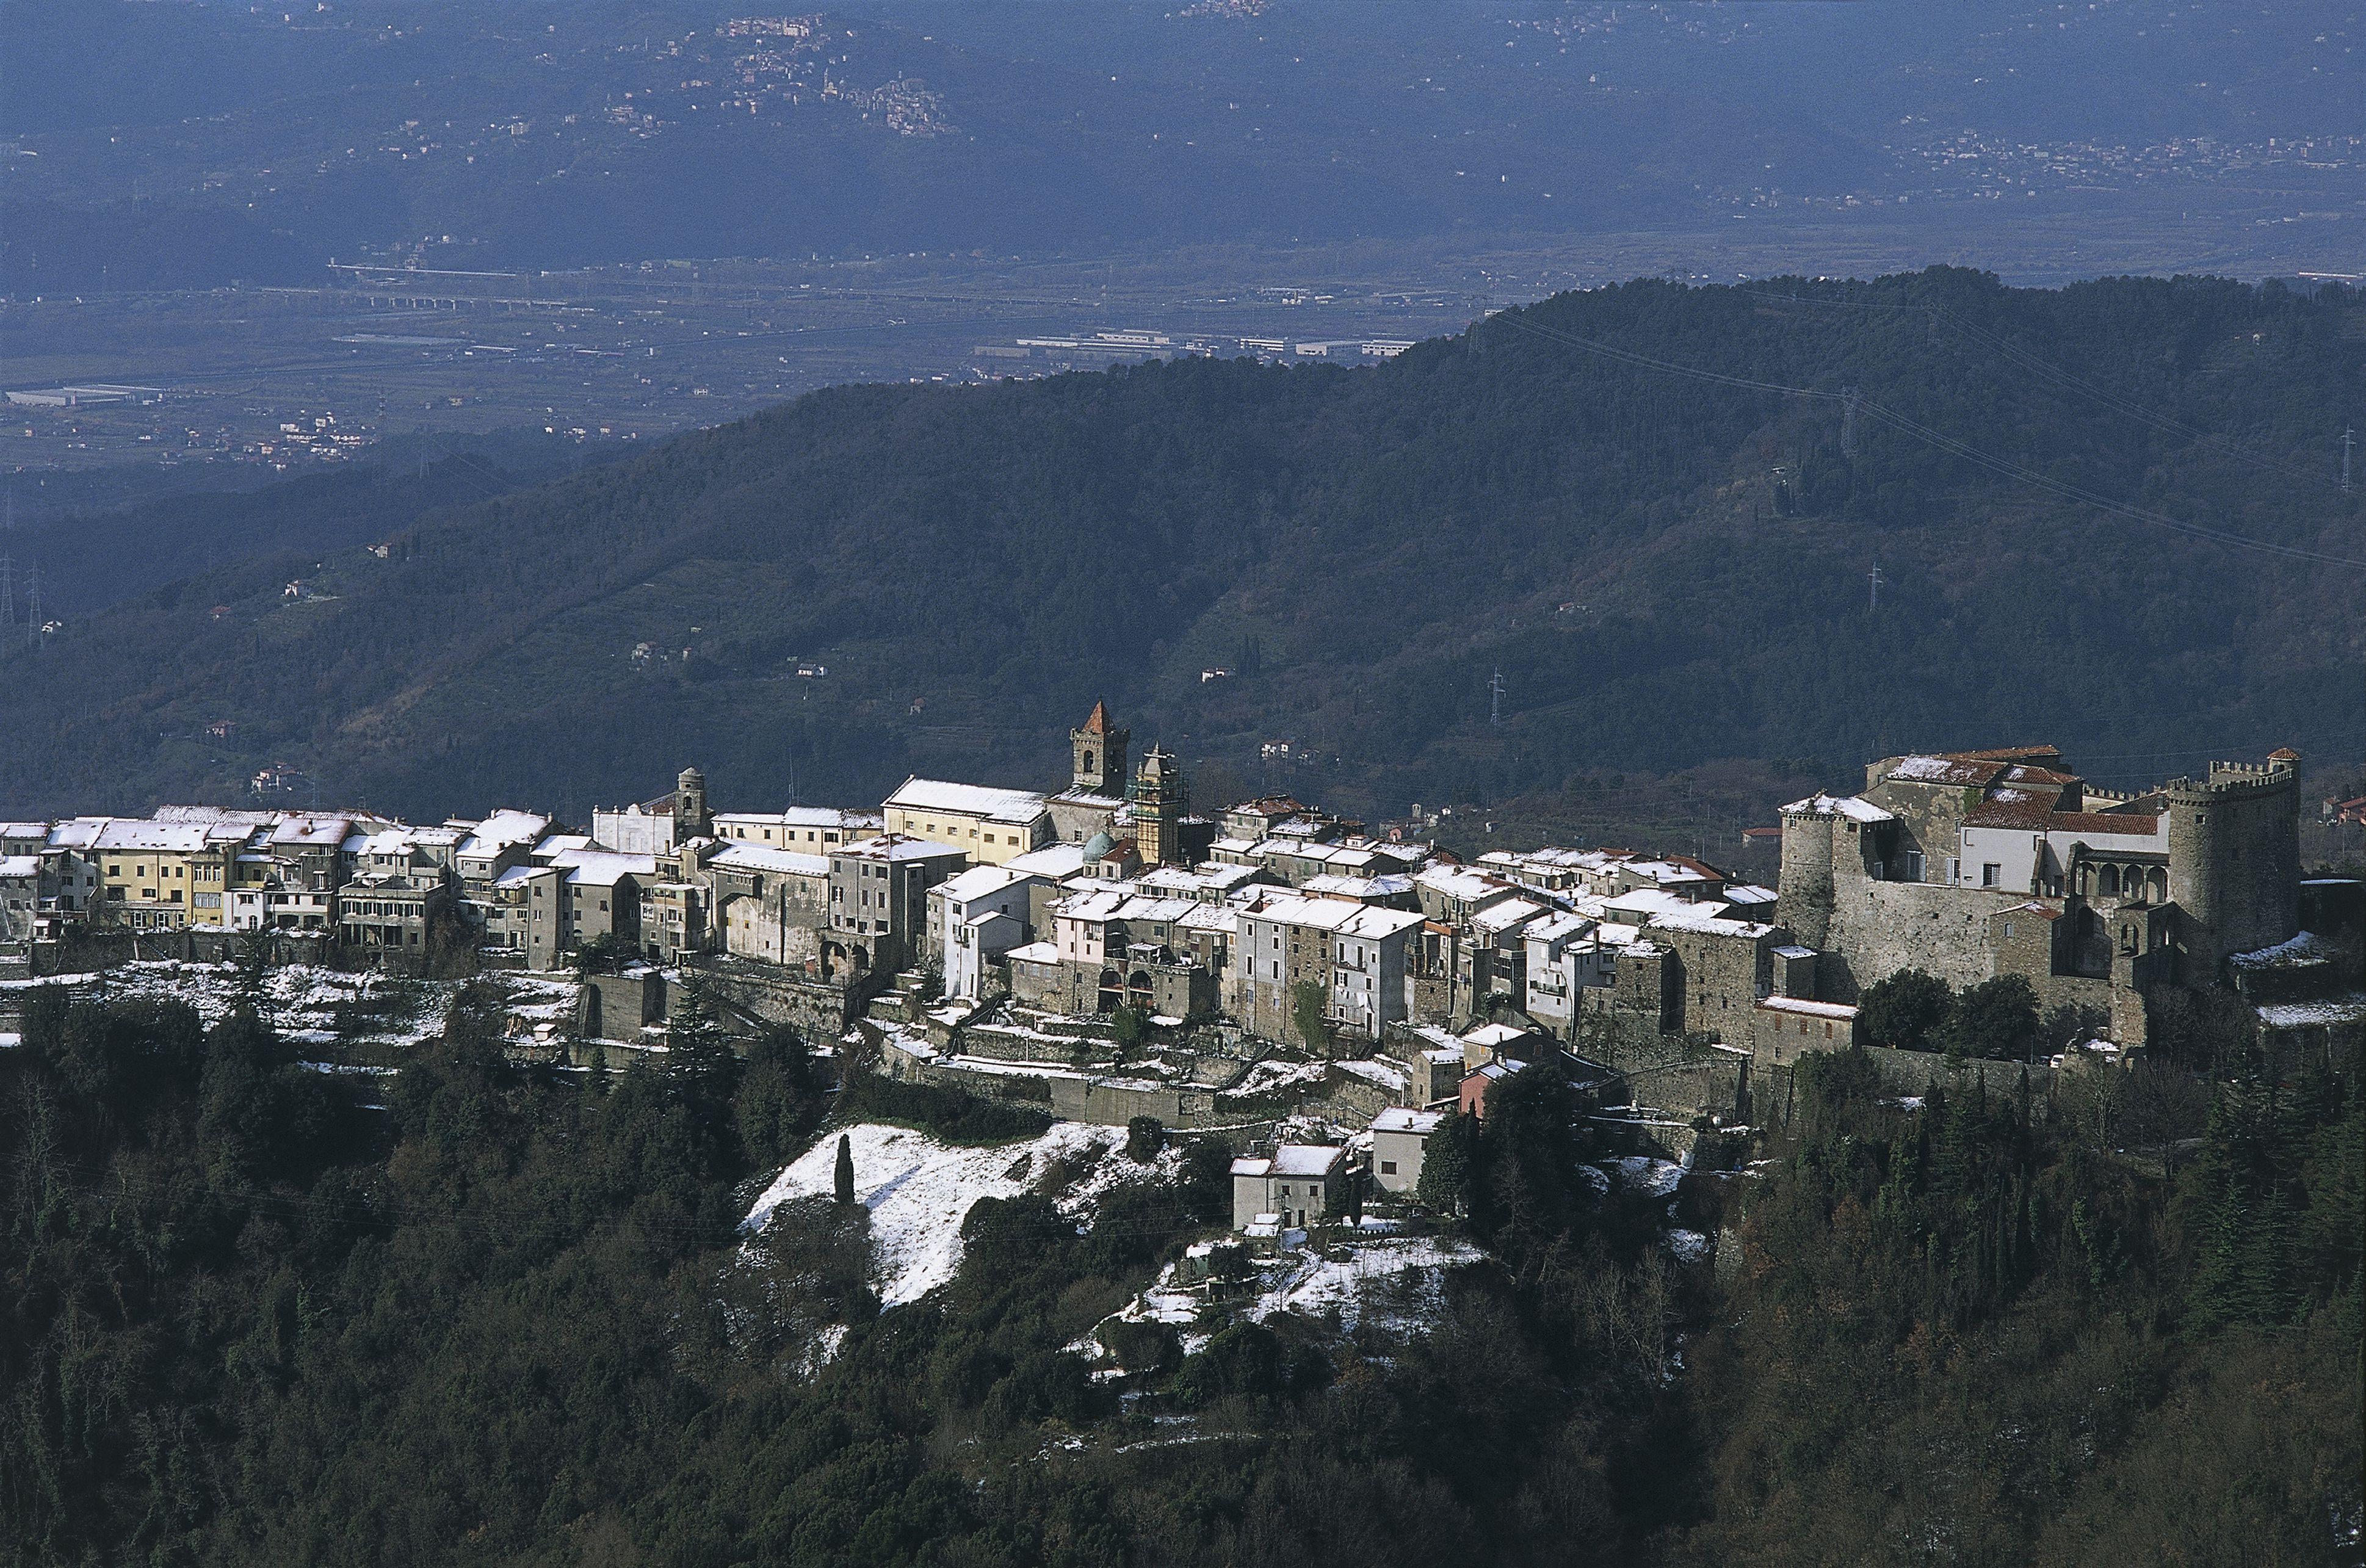 Aerial view of a city, Fosdinovo, Lunigiana, Tuscany, Italy